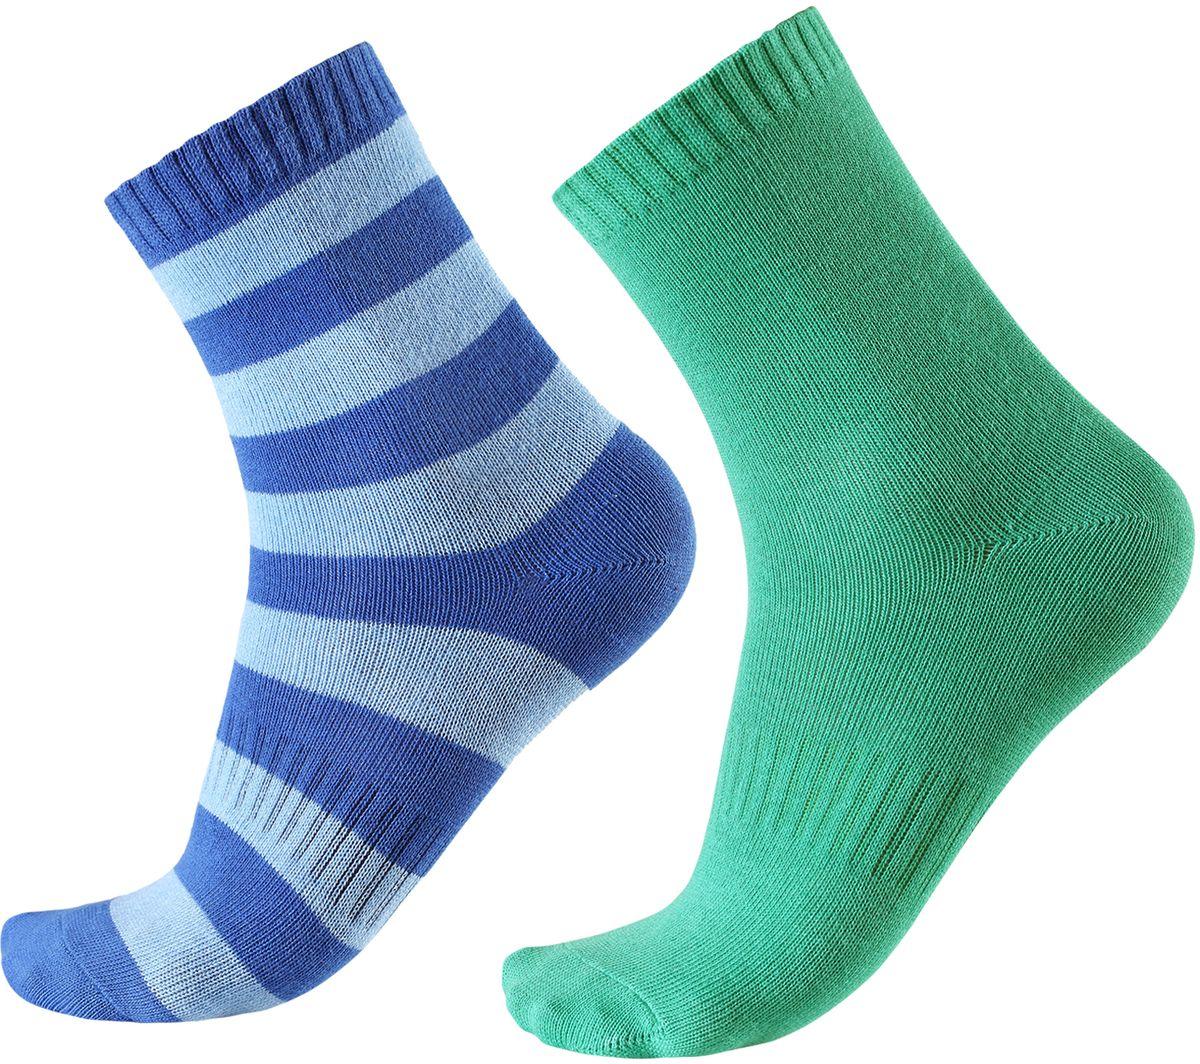 Носки детские Reima Colombo, цвет: зеленый, синий, голубой. 527267-6530. Размер 22/25527267-6530В носках из смеси Coolmax детским ножкам будет тепло и уютно. Смесь Coolmax с хлопком превосходно подходит для занятий спортом и подвижных игр на свежем воздухе, поскольку эффективно выводит влагу с кожи и не вызывает потливости. Этот материал дышит и быстро сохнет. Легкая летняя модель без ворсового усиления.